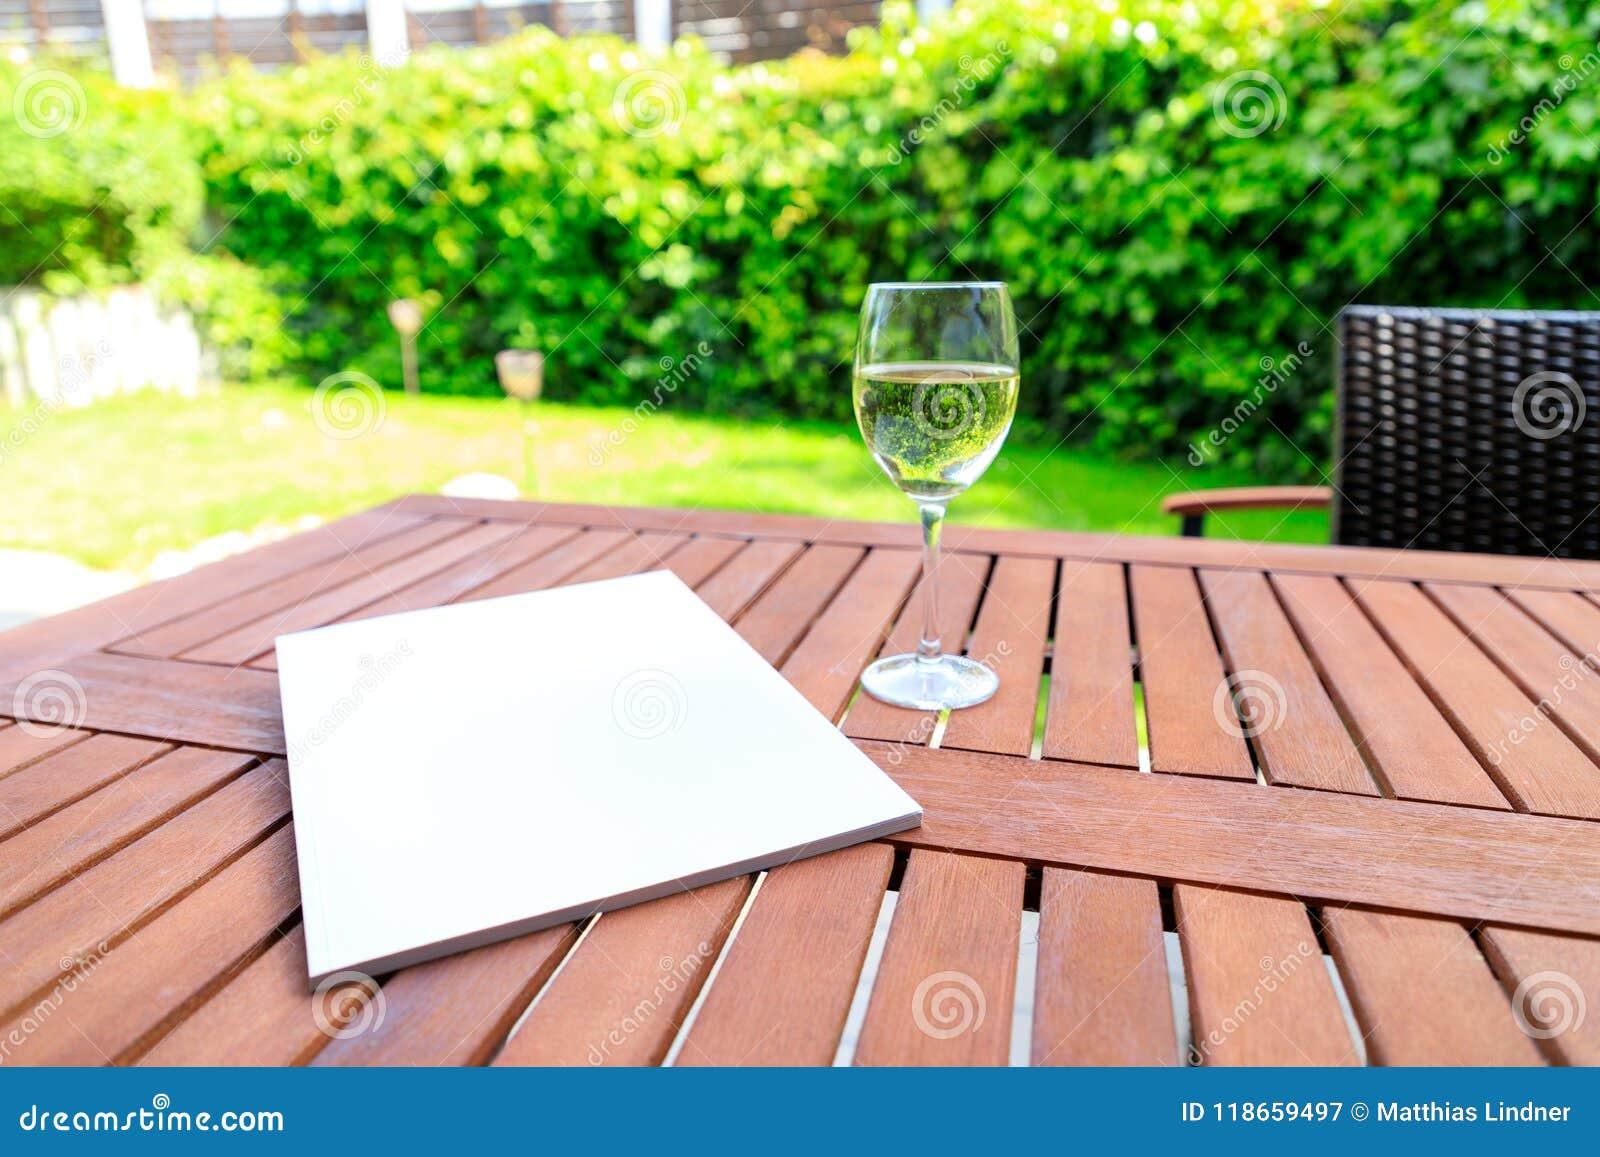 Maquette d une couverture de magazine sur une table en bois dans le jardin au su